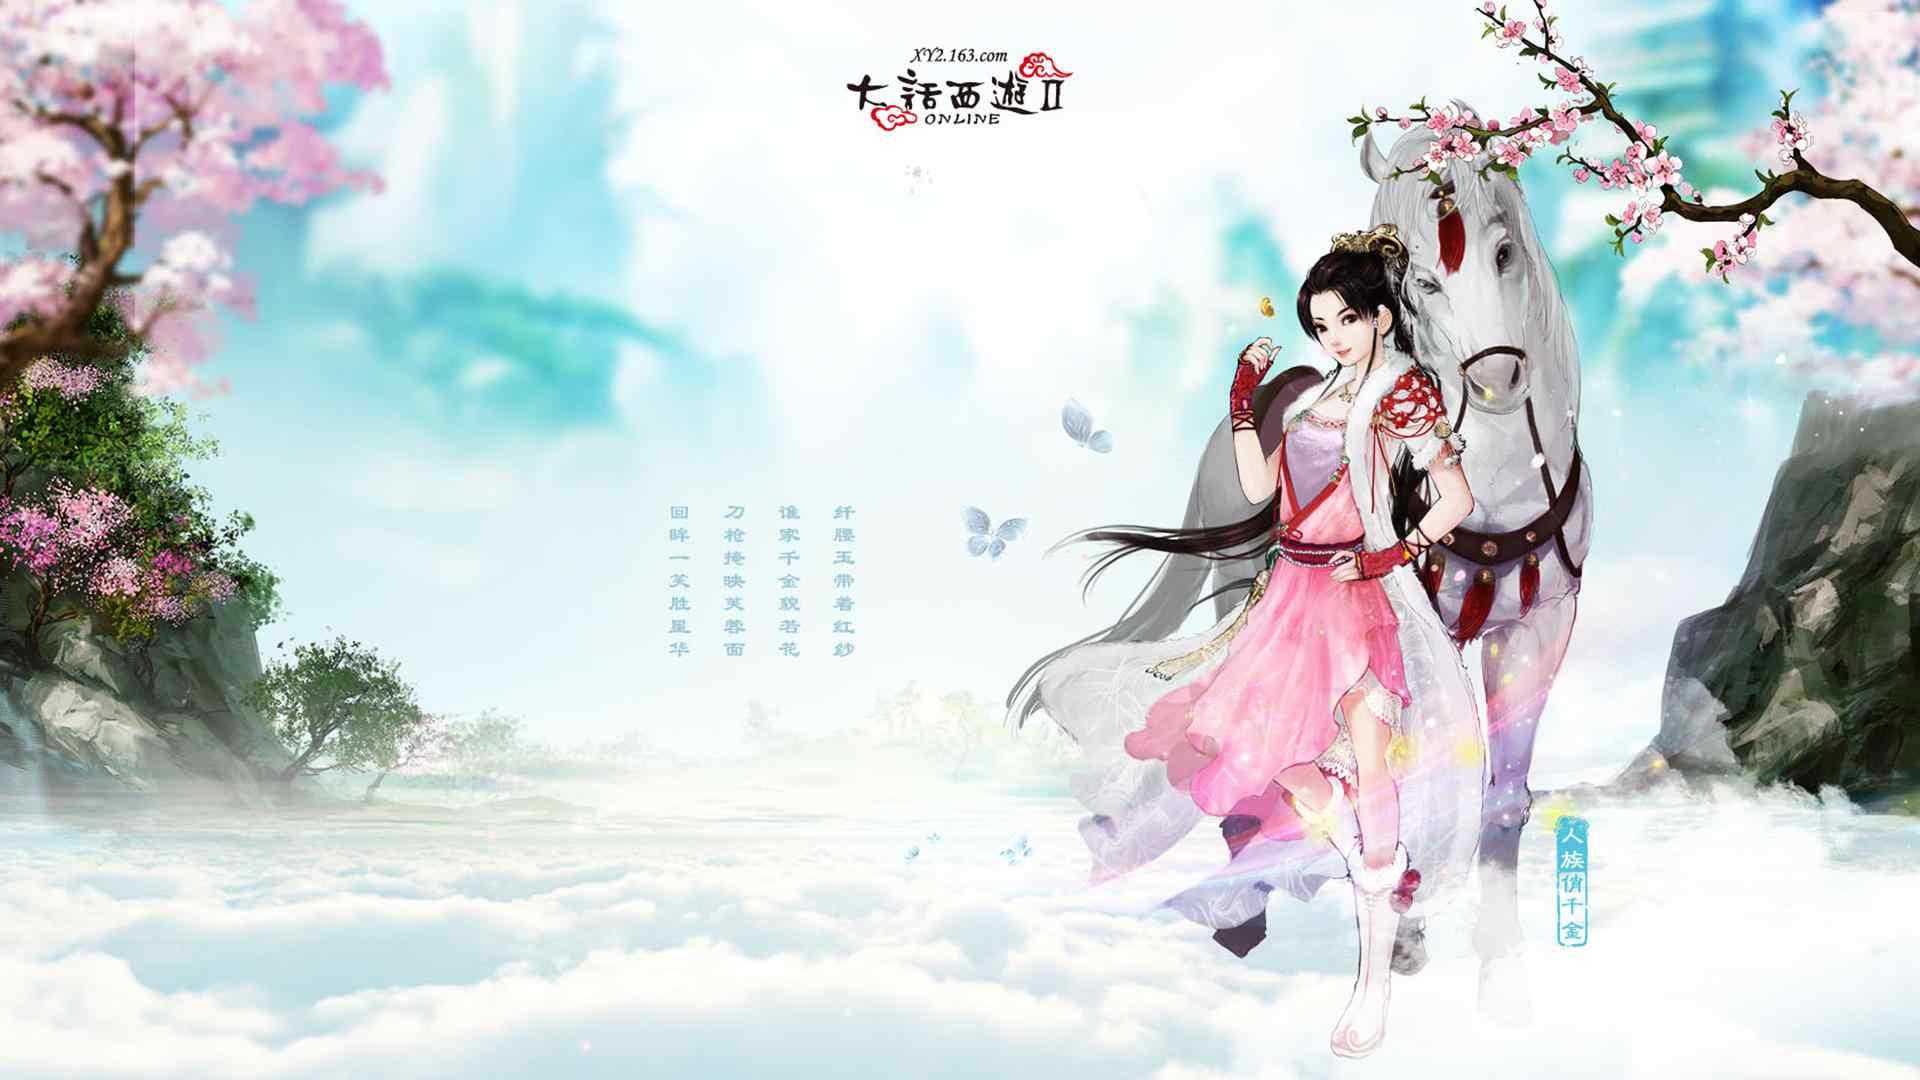 《新大话西游2》角色唯美游戏高清壁纸